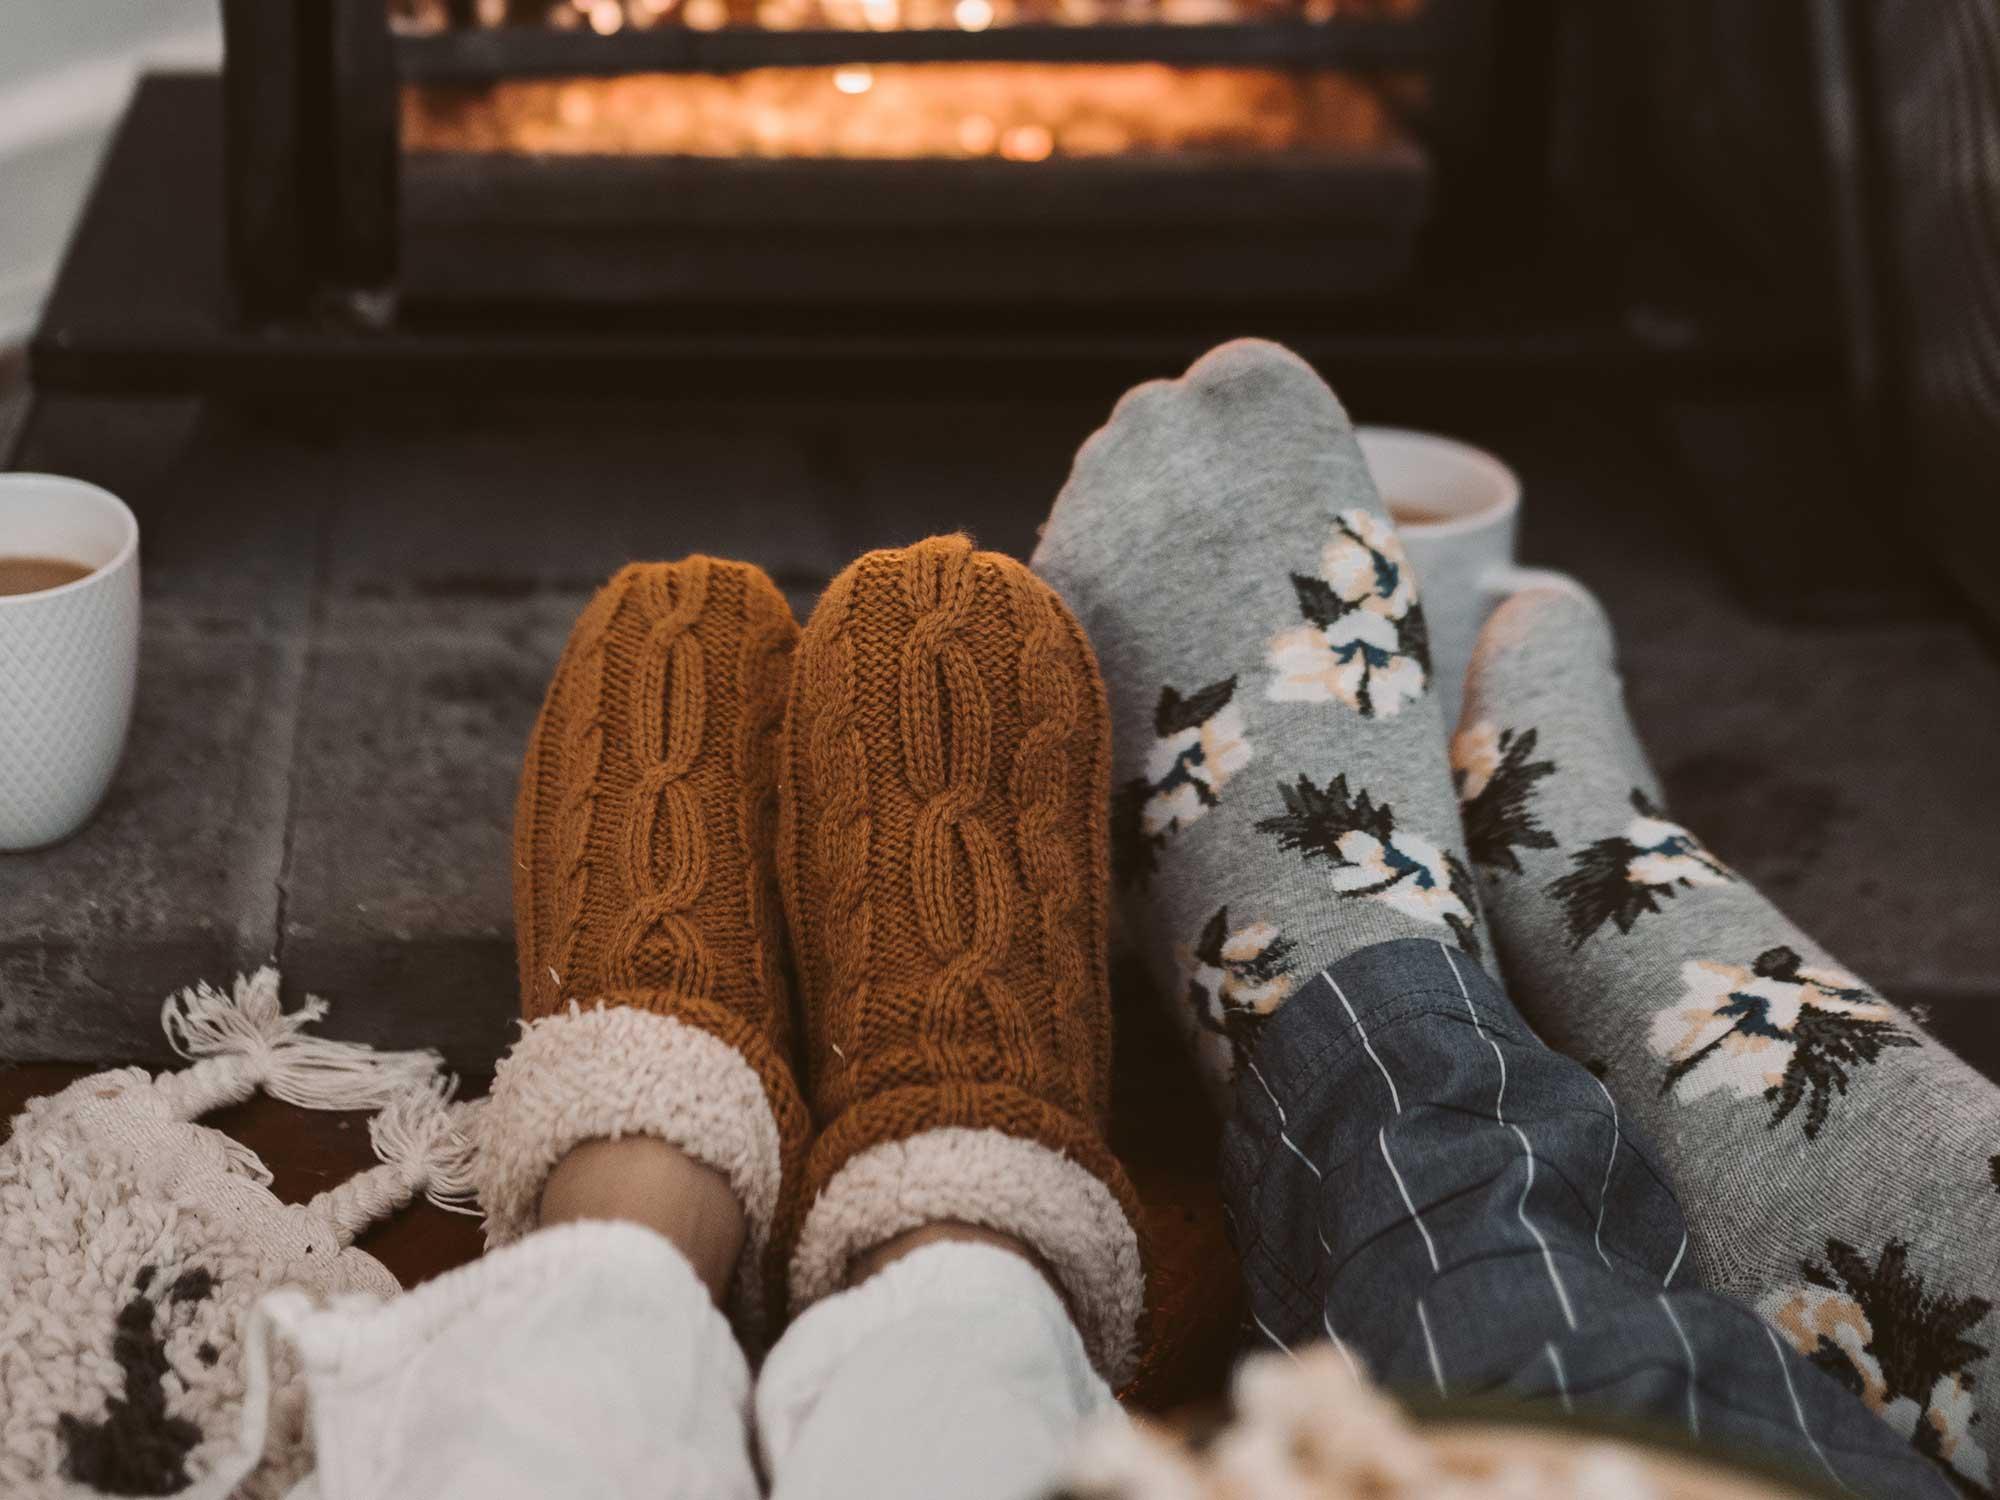 People wearing slipper socks by a fire